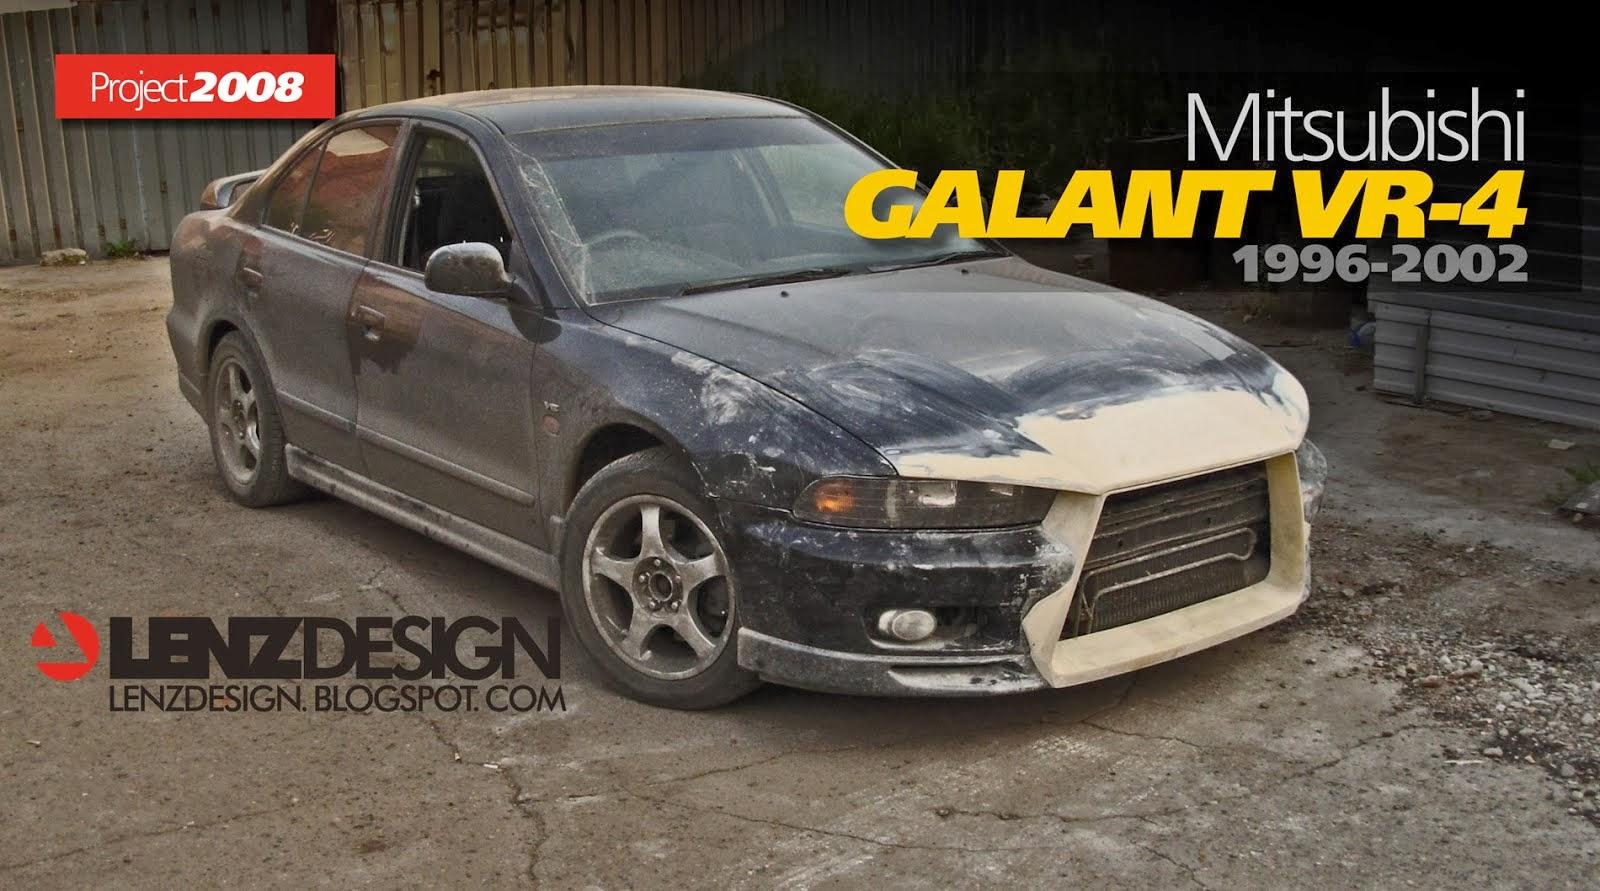 Mitsubishi Galant VR-4 Evolution